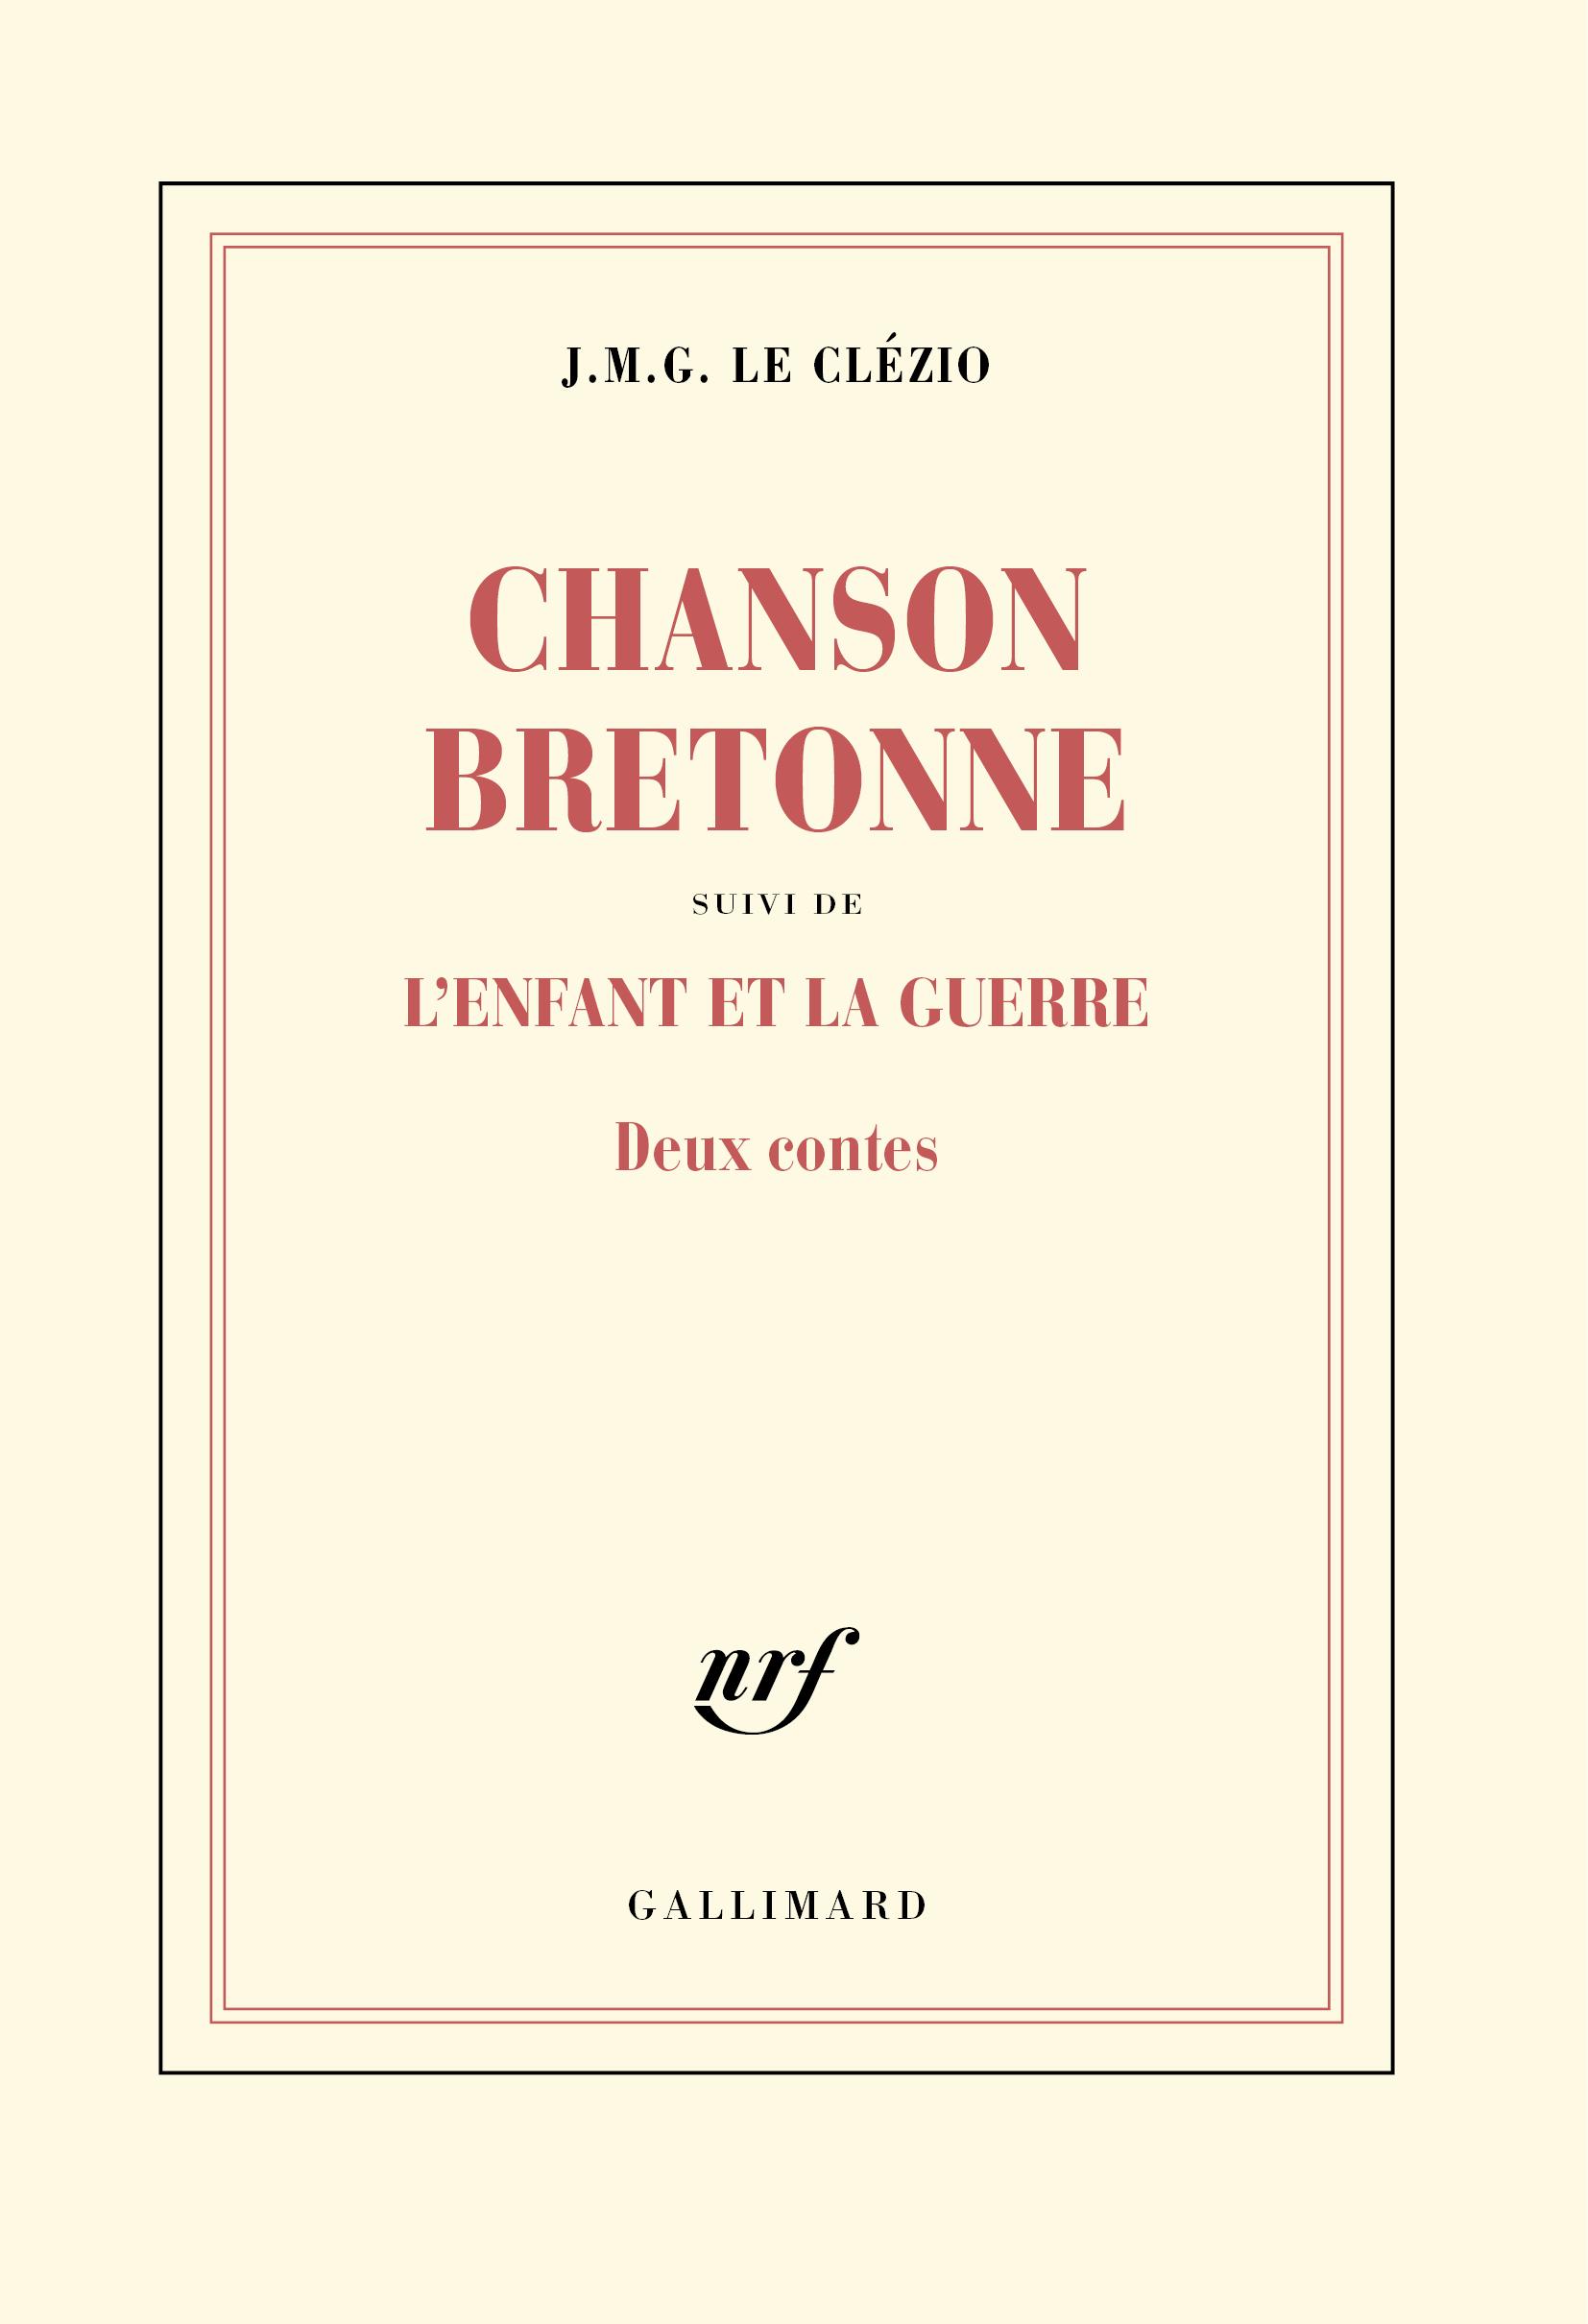 CHANSON BRETONNE / L'ENFANT ET LA GUERRE - DEUX CONTES